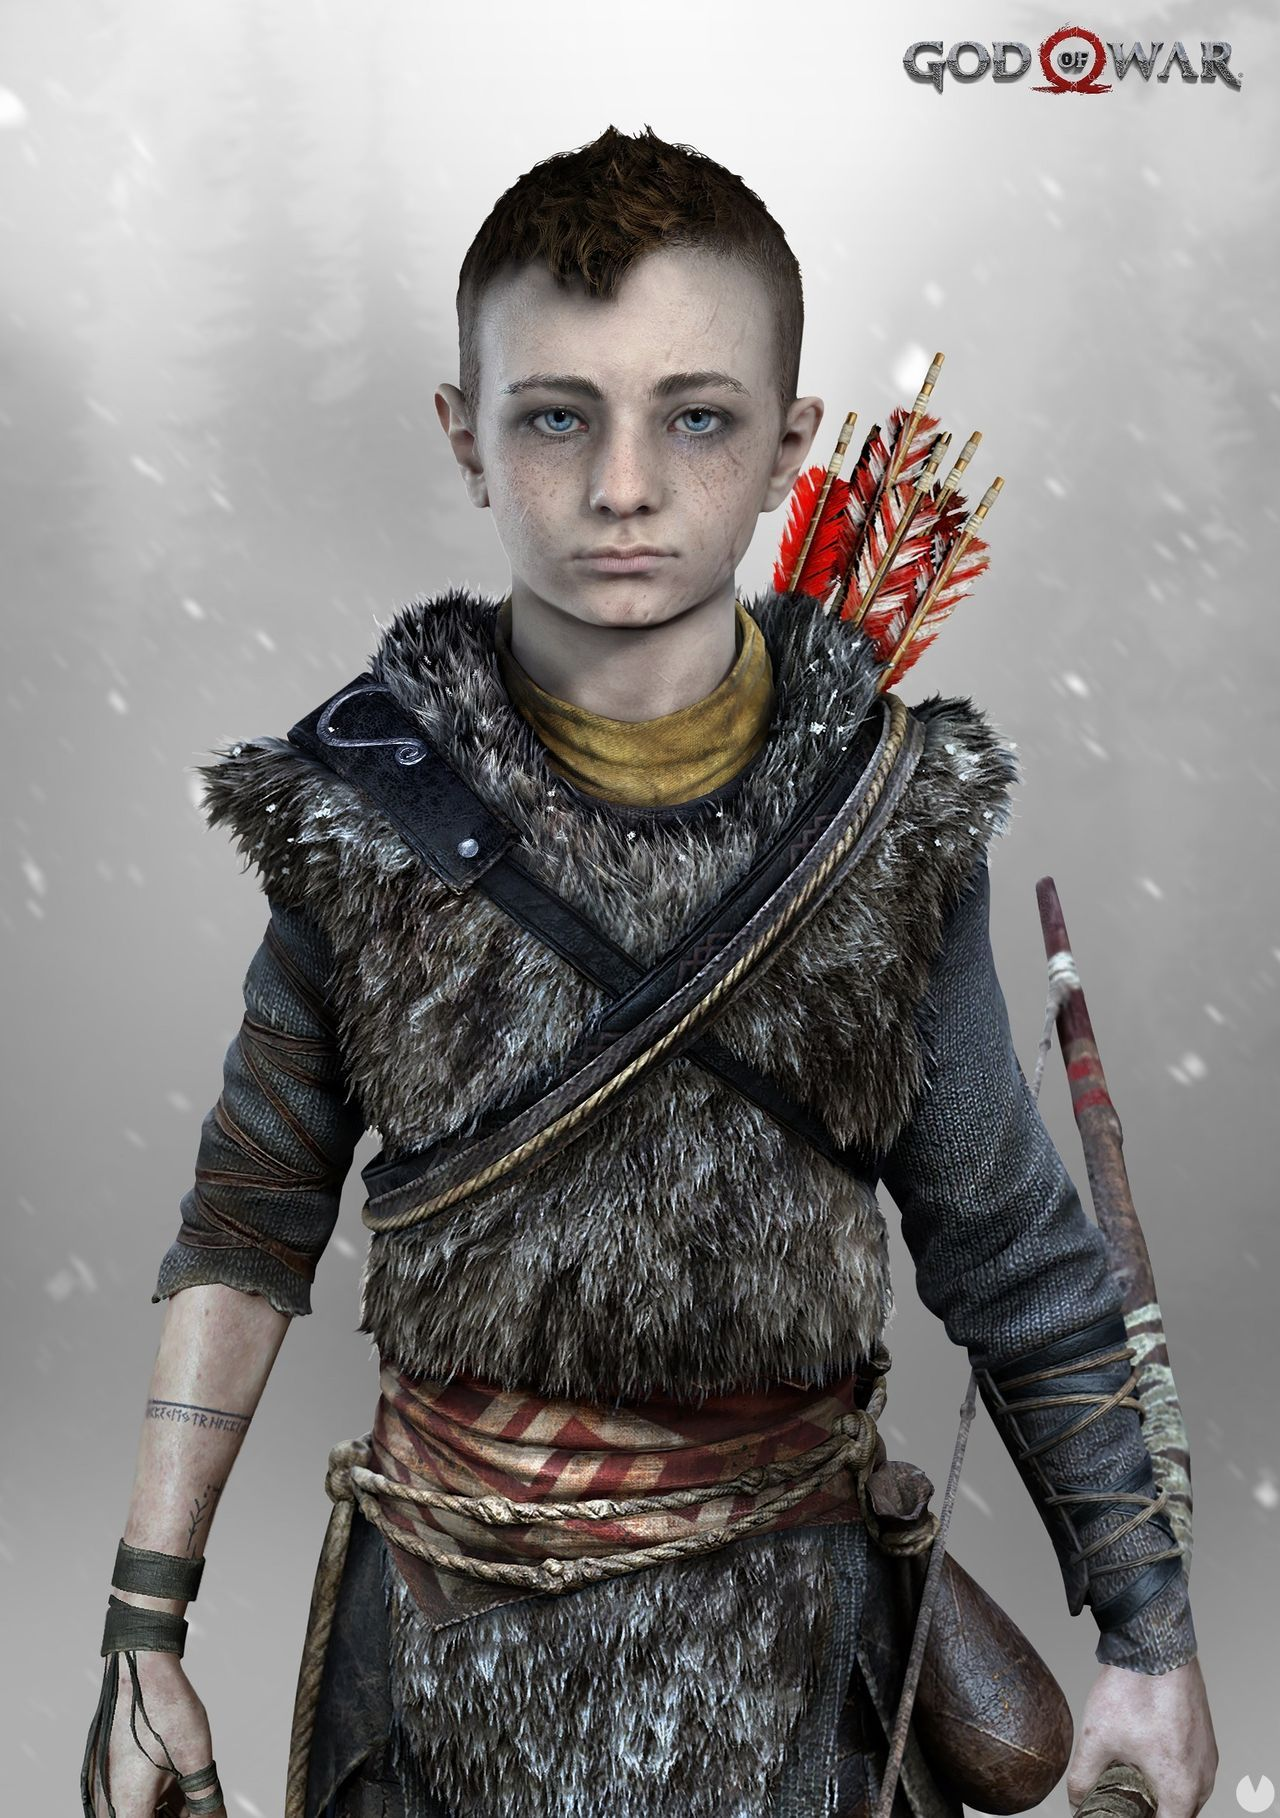 God of War nos presenta en dos nuevos artes a Kratos y a su hijo